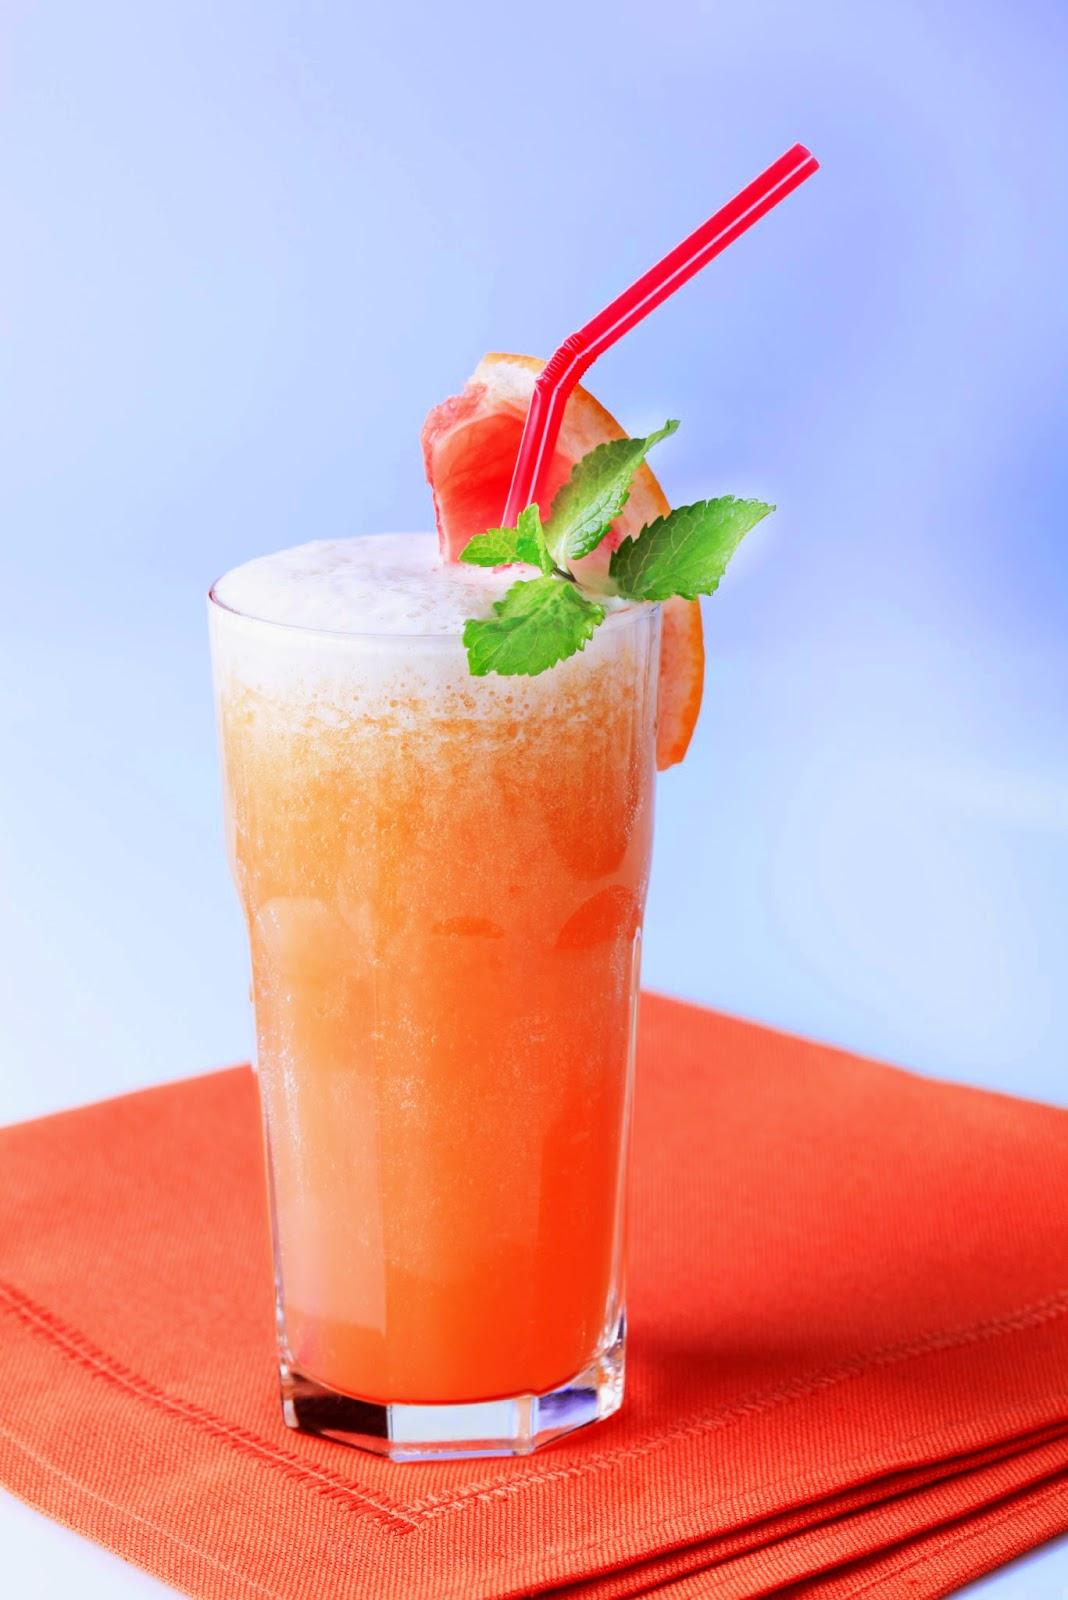 grapefruit basil soda recipe - Sodastream Reviews